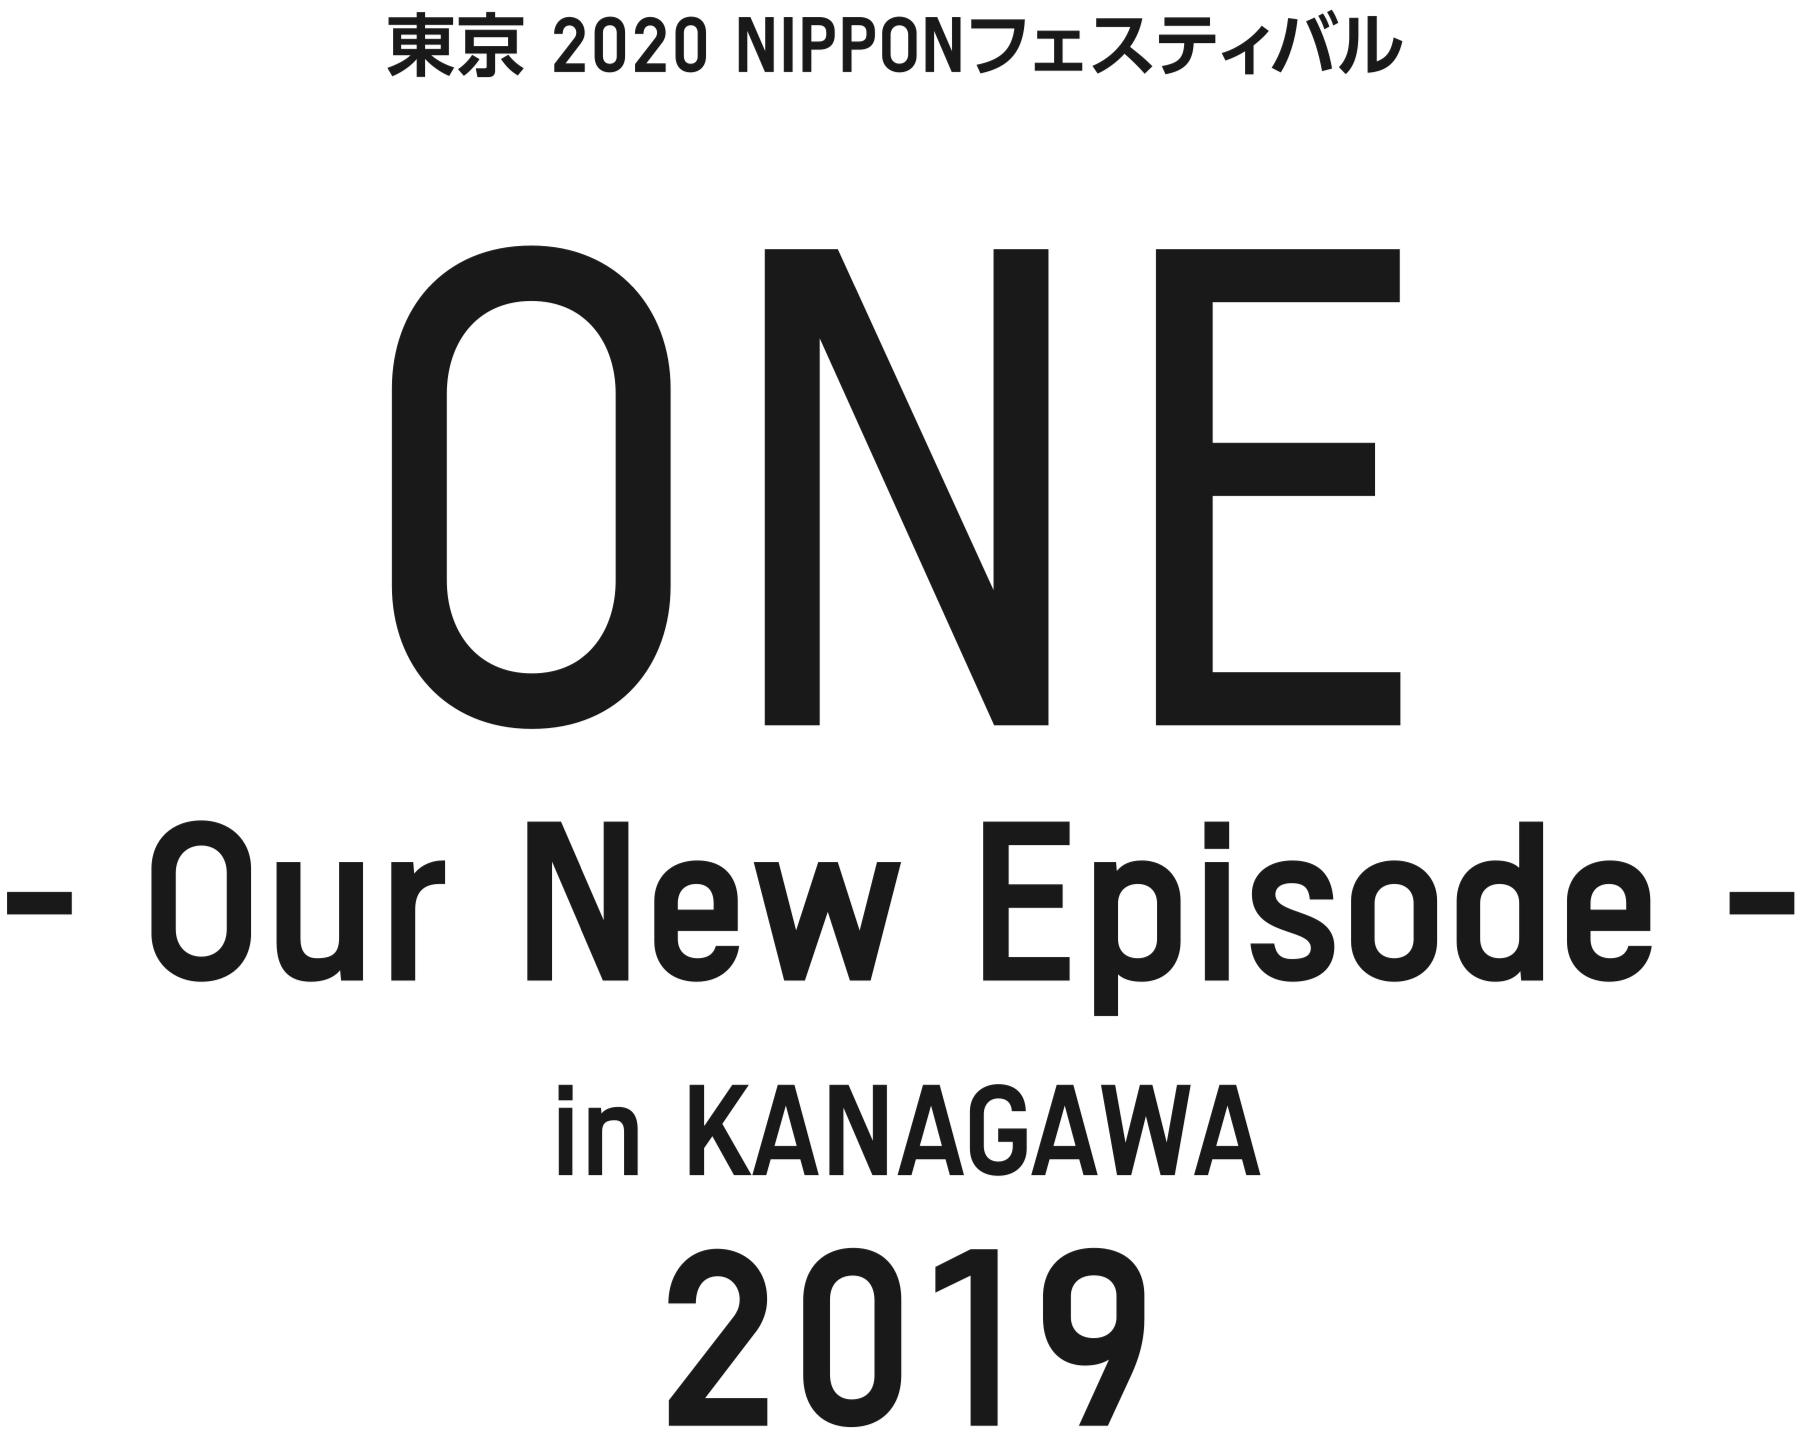 スクリーンショット 2019-10-01 1.13.40.png